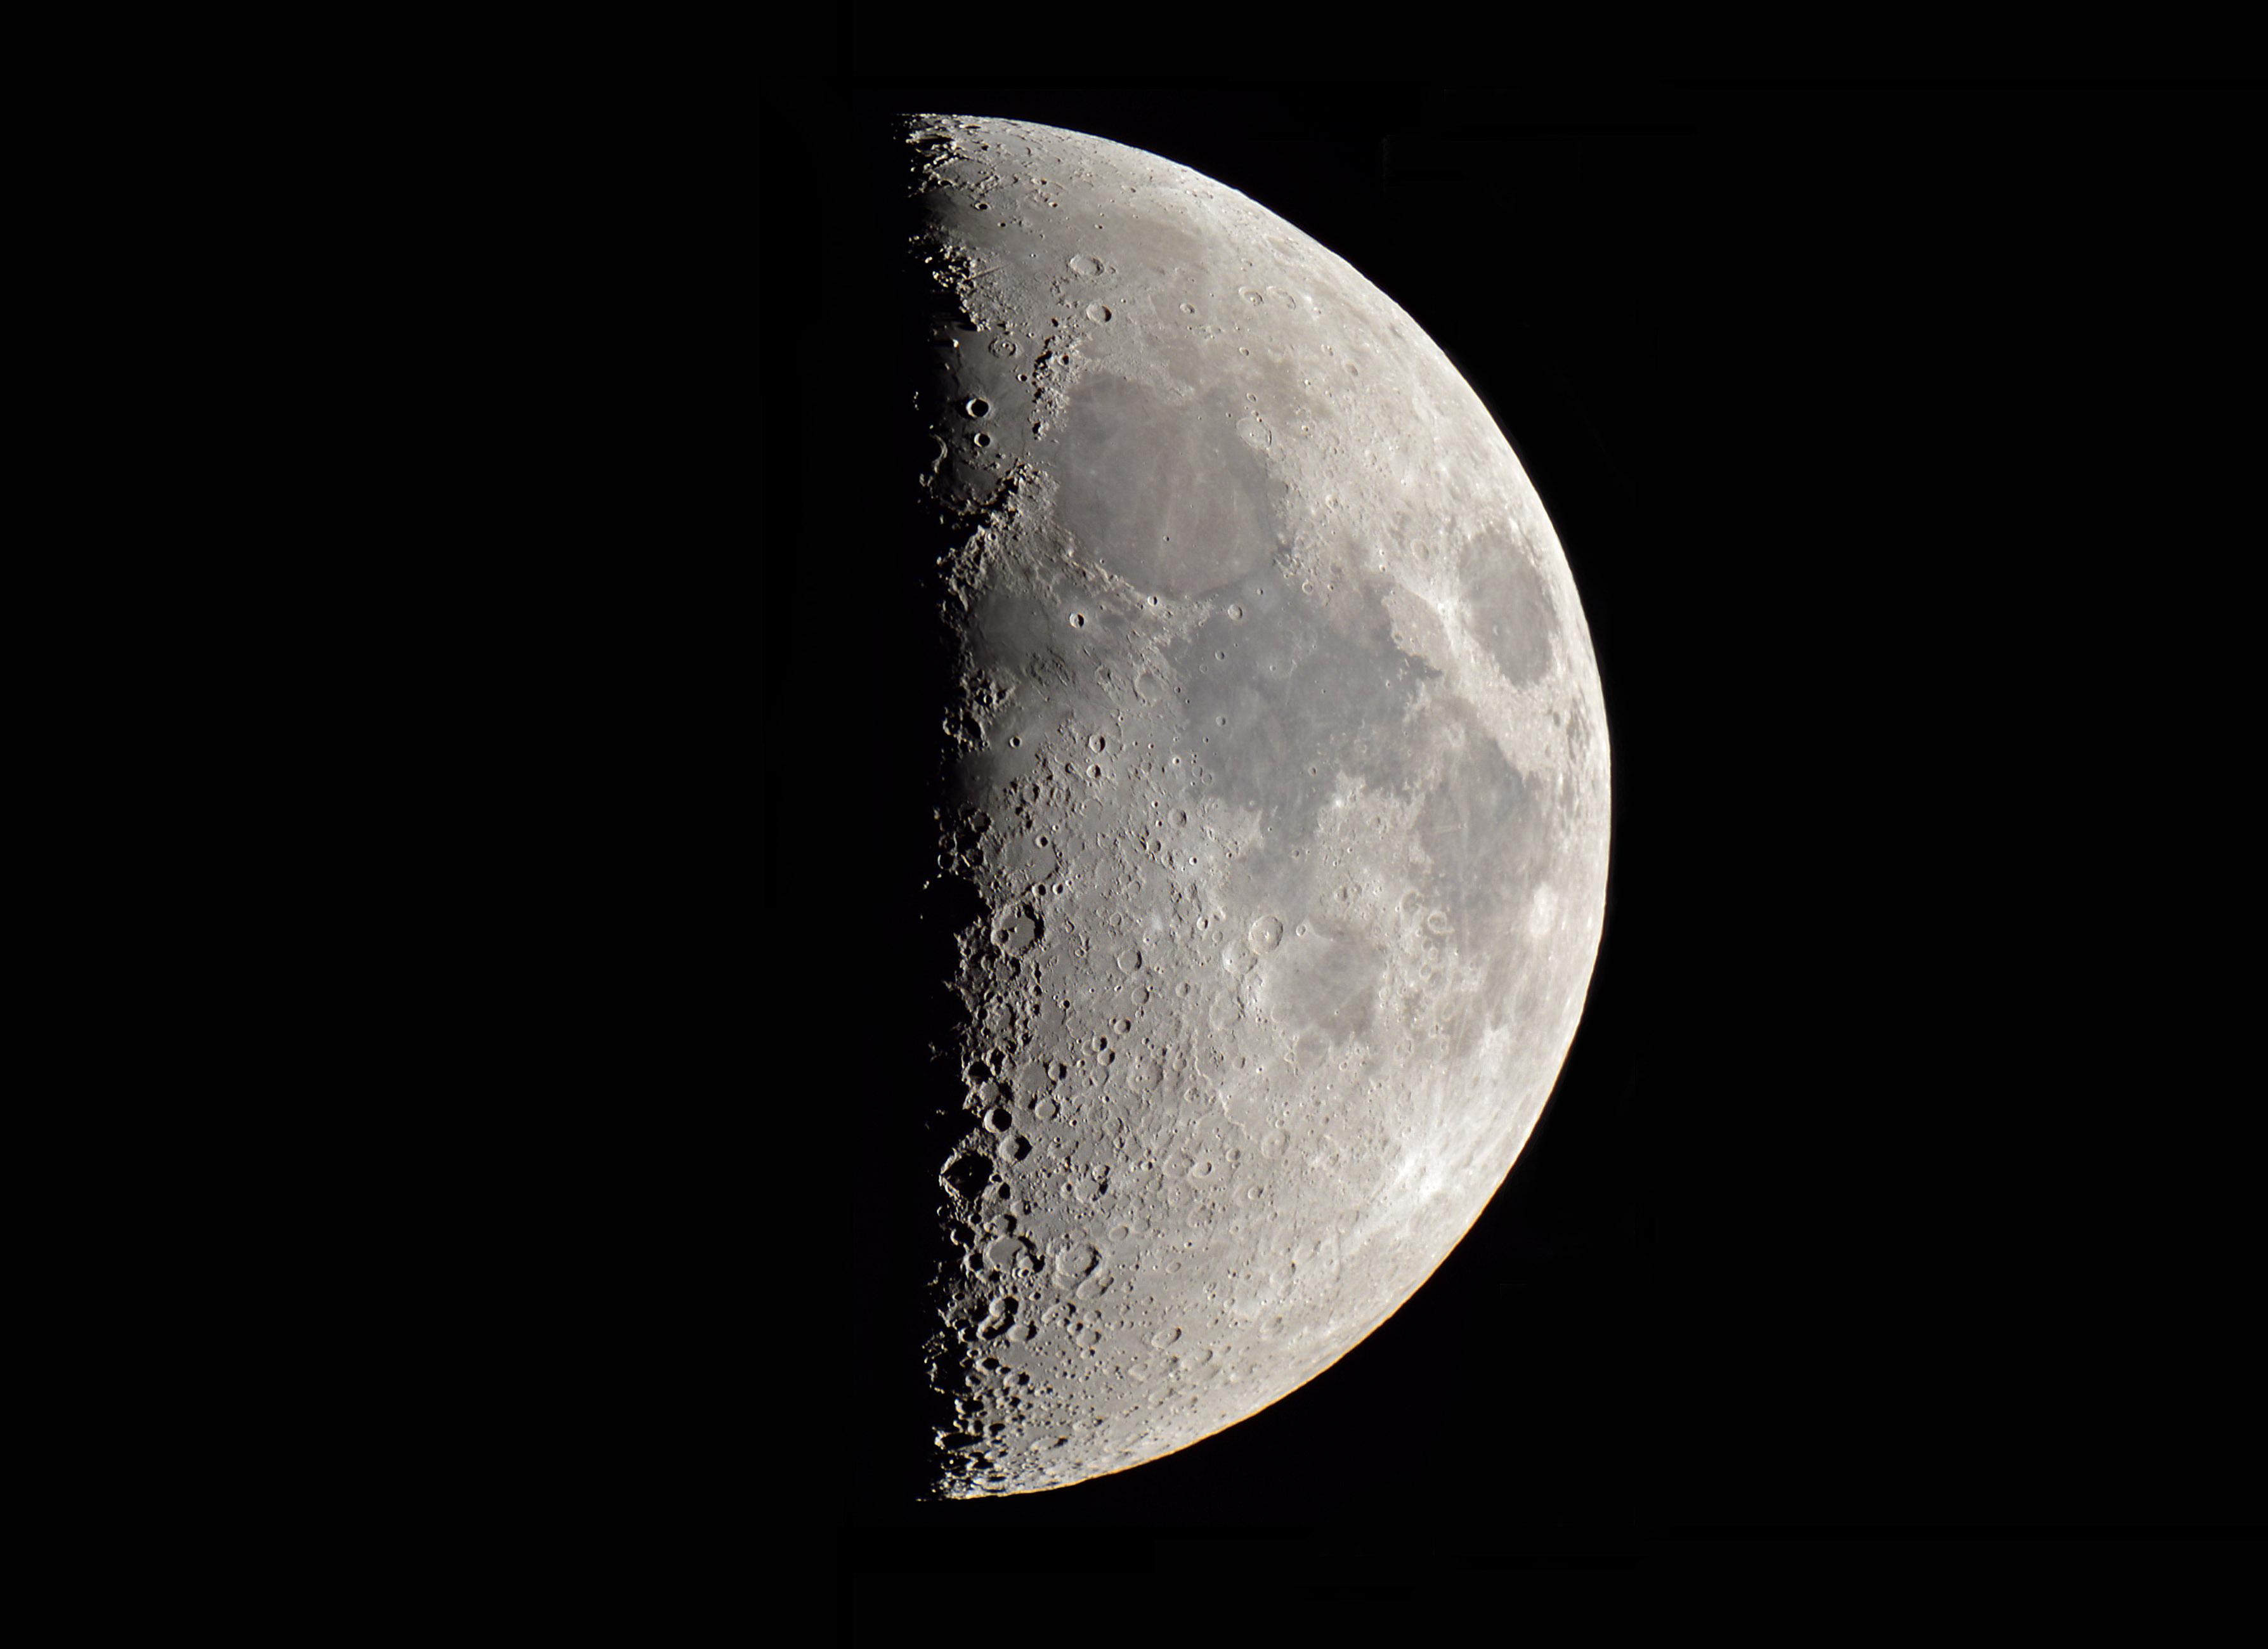 Quartier de lune du 271017 au c8 sony a7s comparatif chantillonnage moyen et s v re - Lune descendante octobre 2017 ...